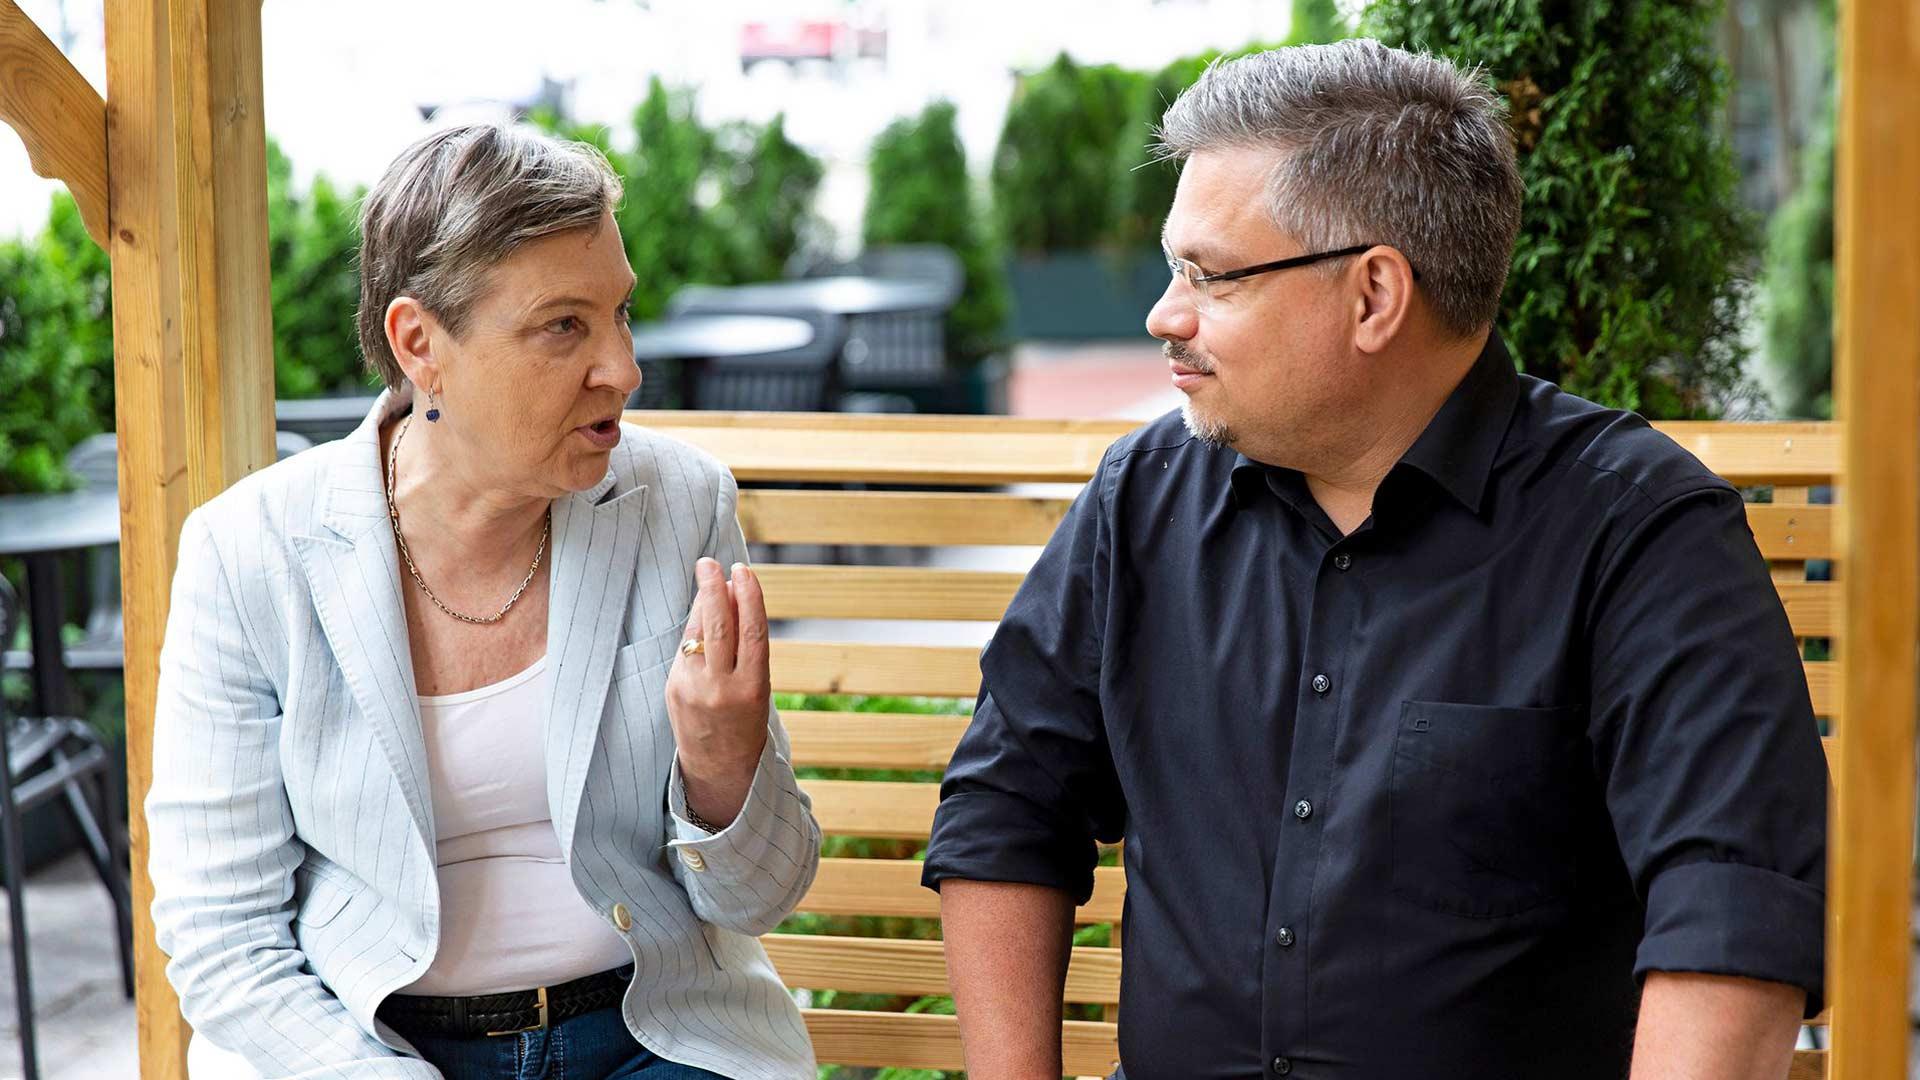 Tommi Kinnunen kertoi toimittaja Marja-Terttu Yli-Sirniölle, että Ei kertonut katuvansa -romaani lähti liikkeelle edellisen romaanin ollessa vielä kesken.